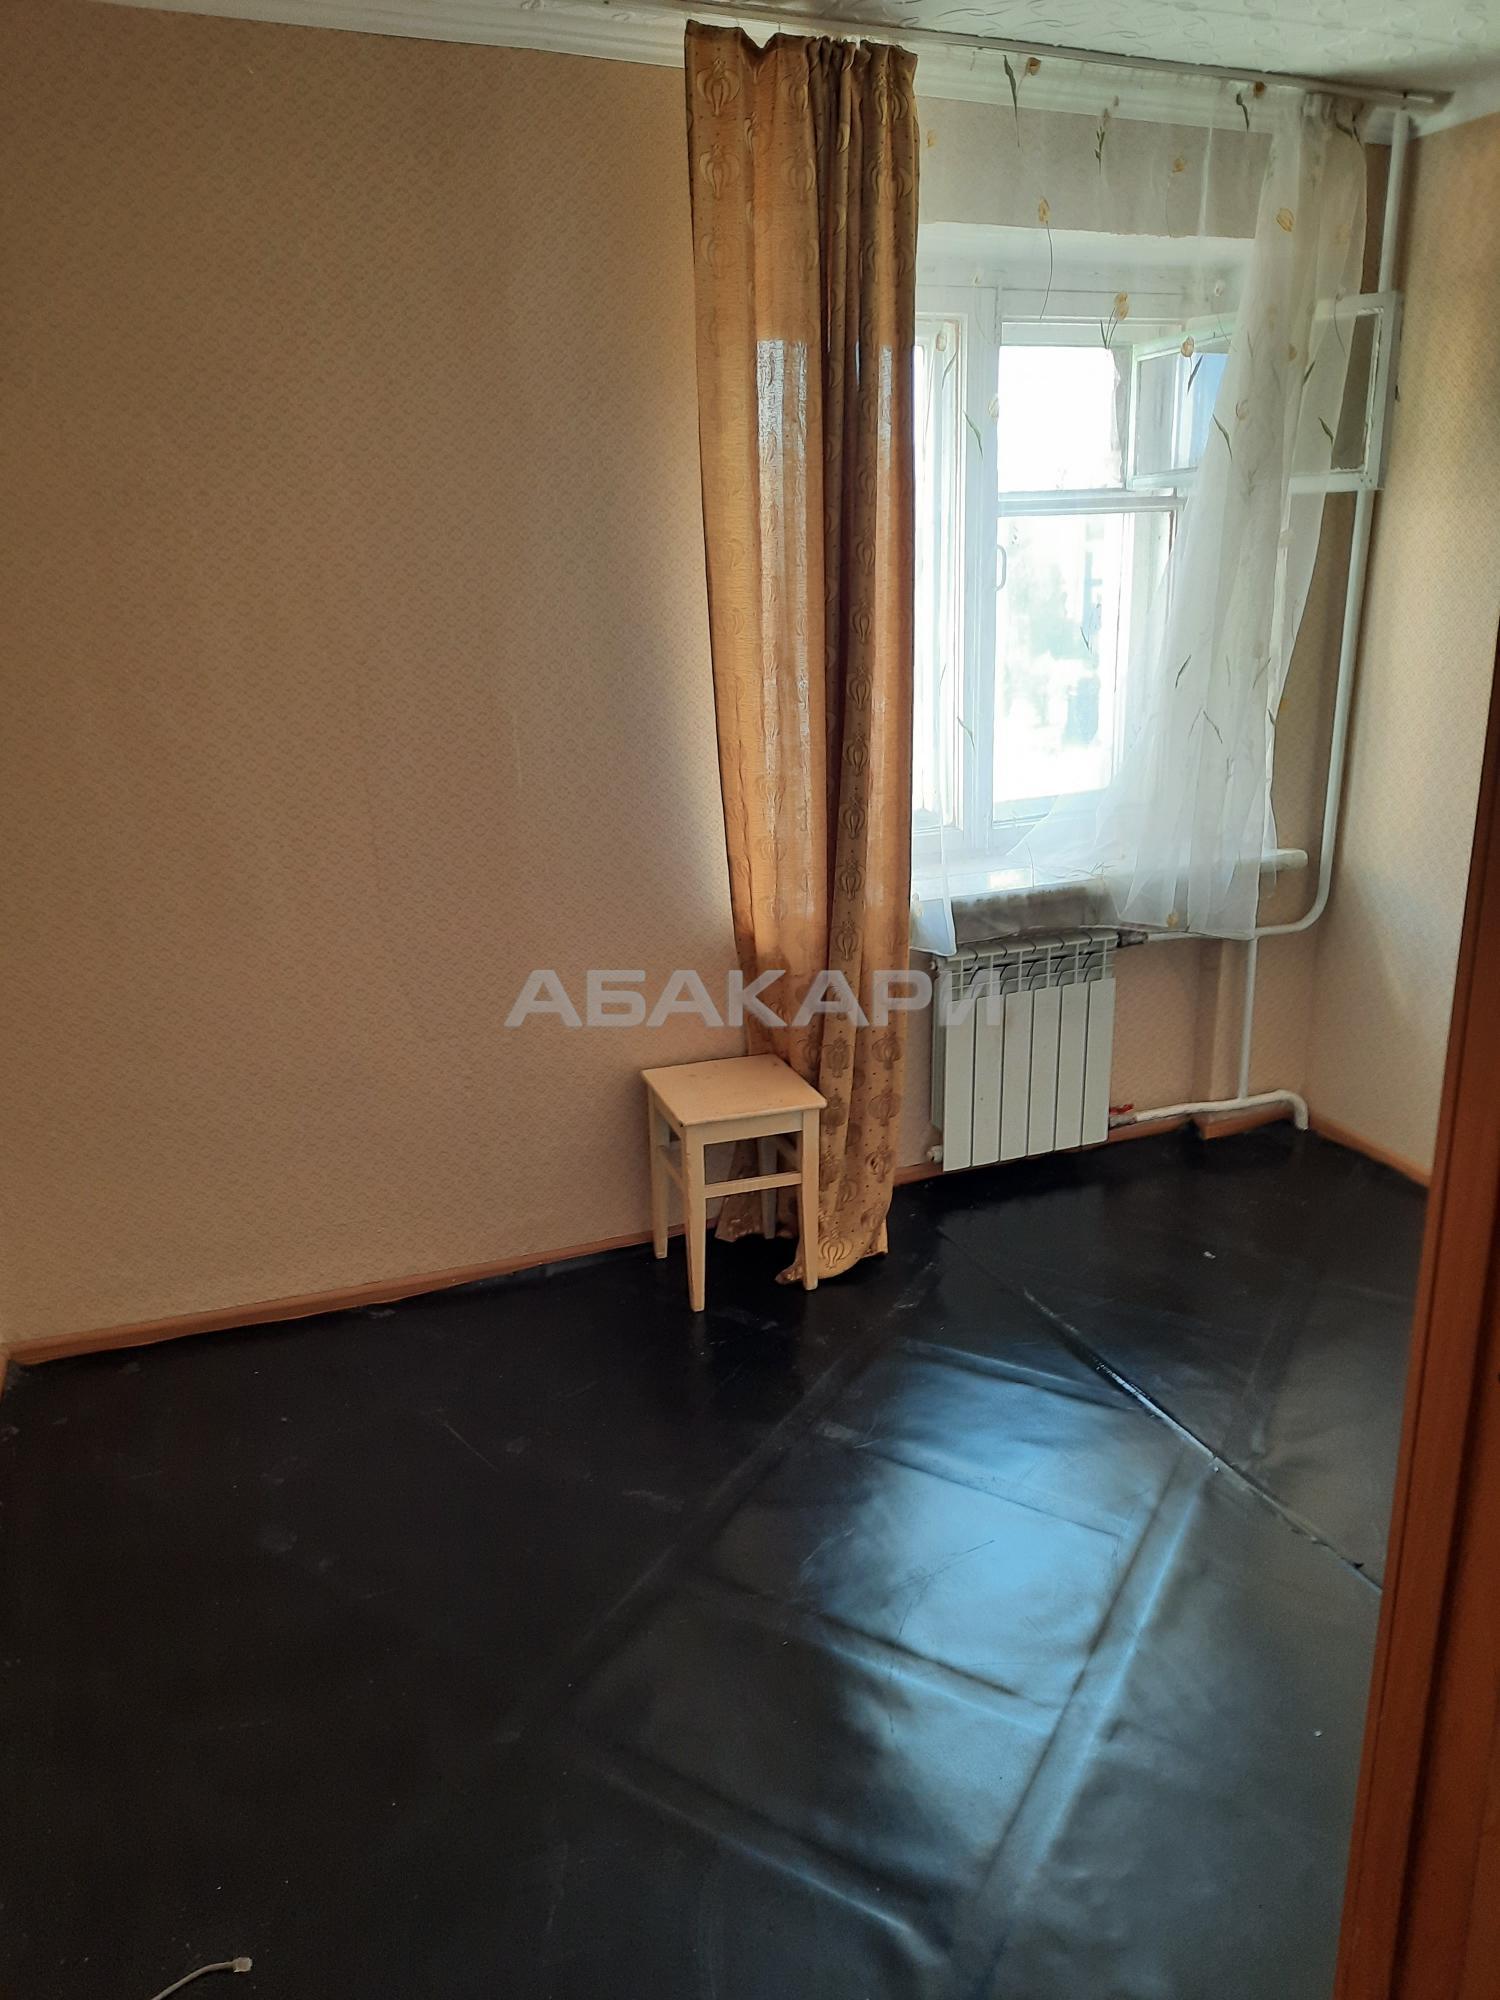 3к квартира улица Павлова, 40   16000   аренда в Красноярске фото 0